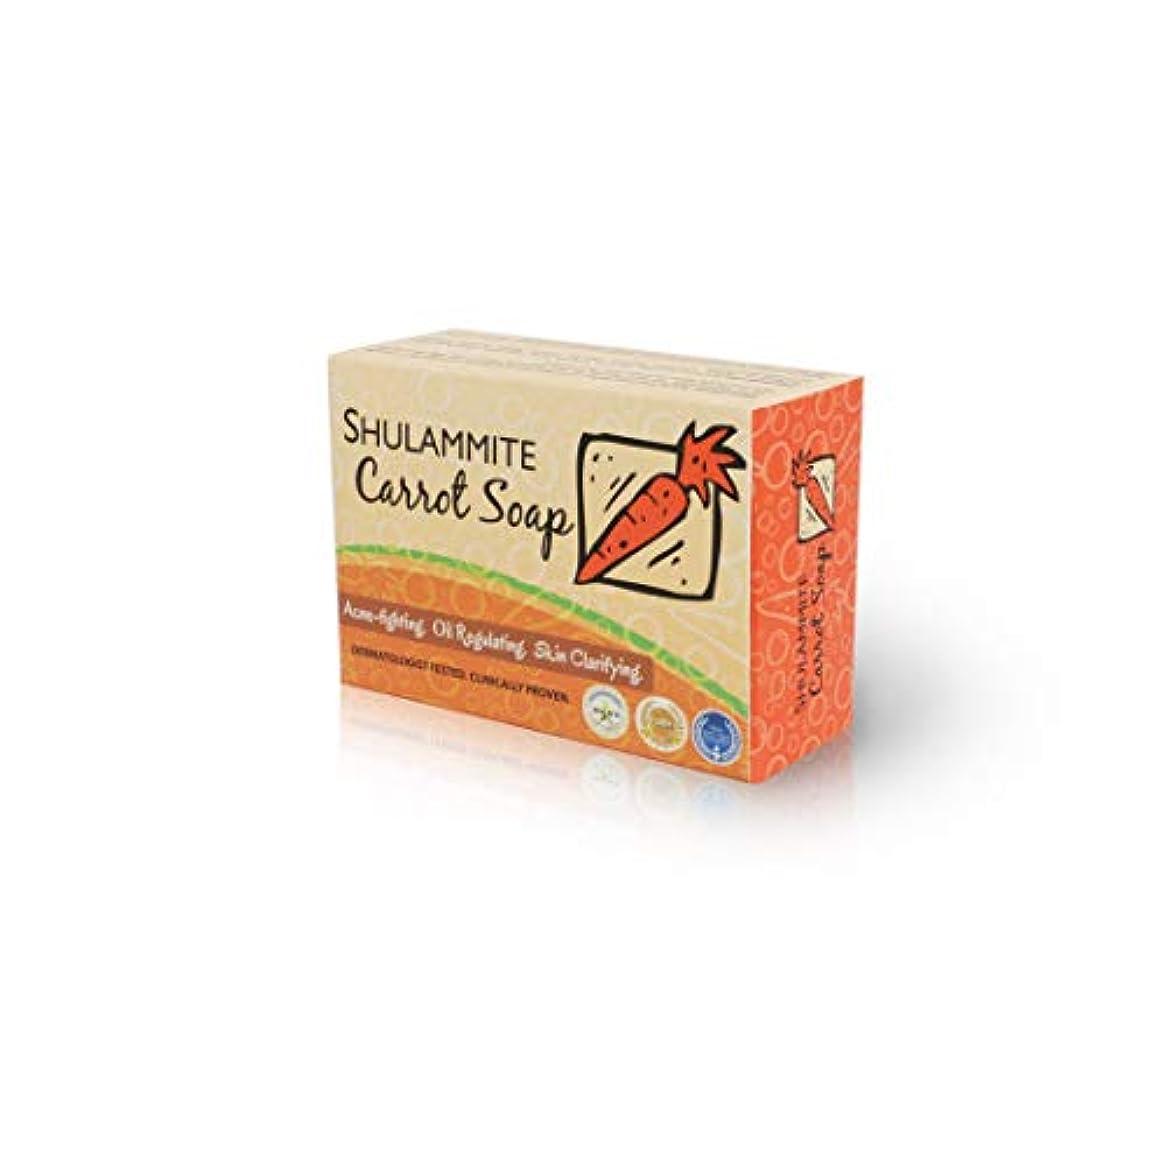 筋アジア人競争SHULAMMITE Carrot Soap キャロットソープ150g 正規輸入代理店 Harmony & Wellness Japan distributor! Exclusive contract with manufacturer